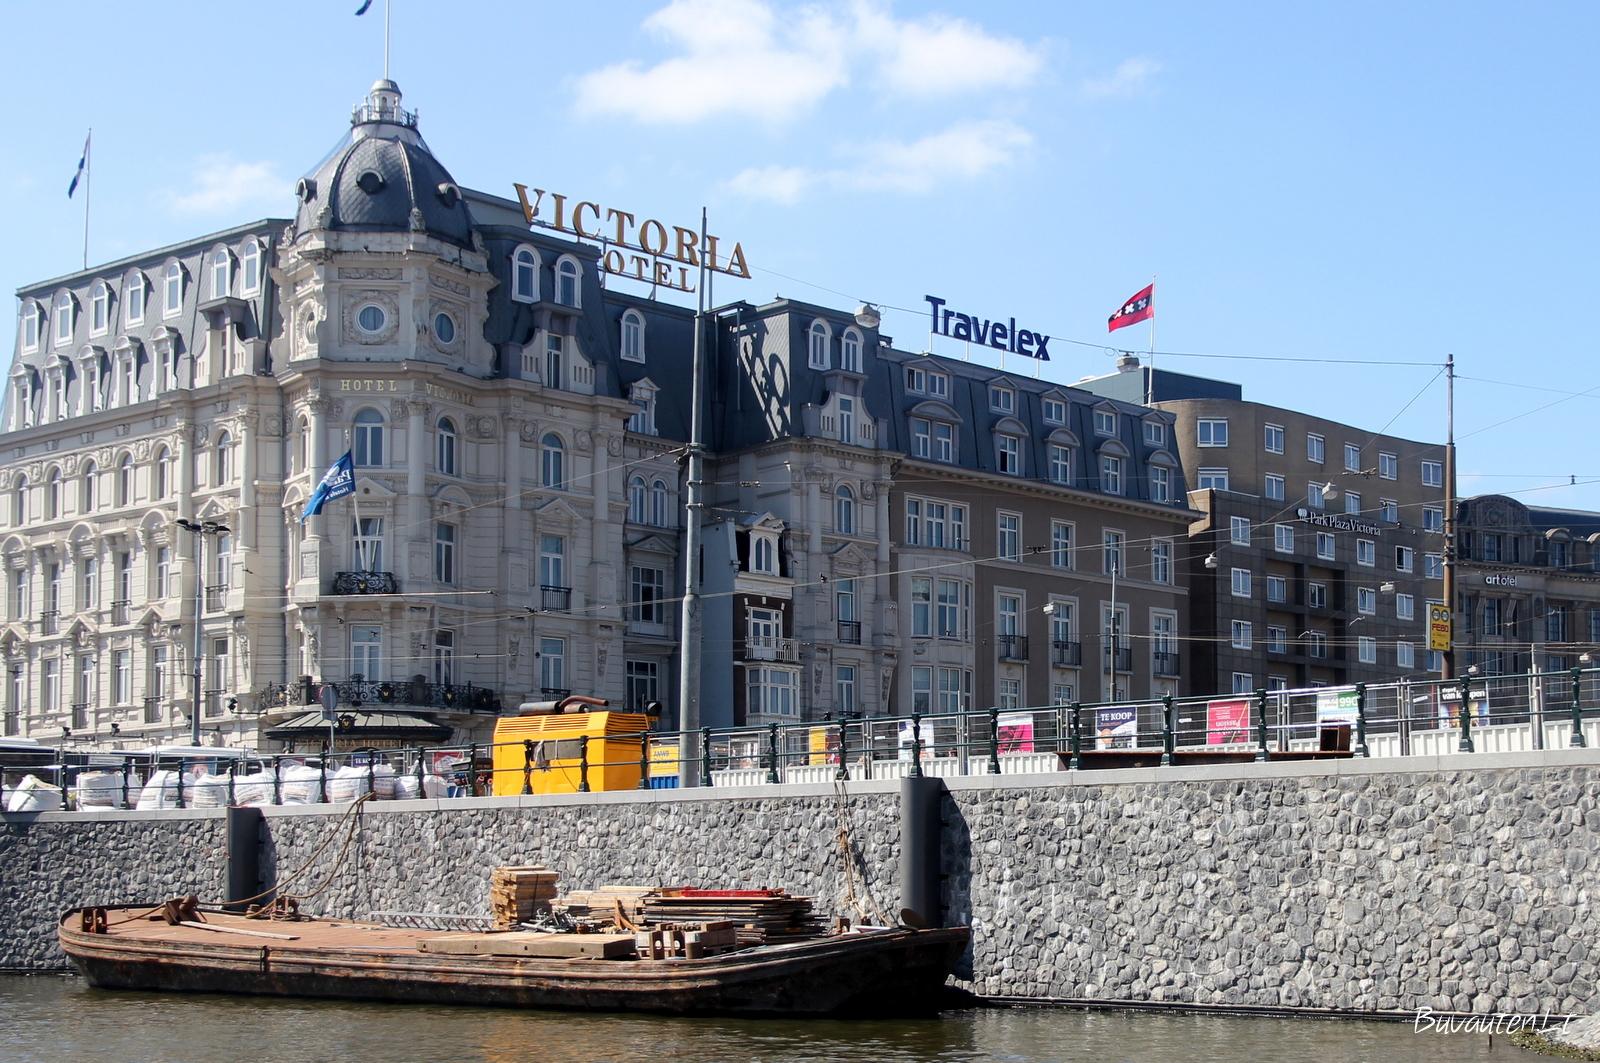 Šis viešbutis žymus tuo, kad jis pastatas aplink tipišką Amsterdamo namą, kurio šeimininkas atsisakė parduoti jį viešbučiui